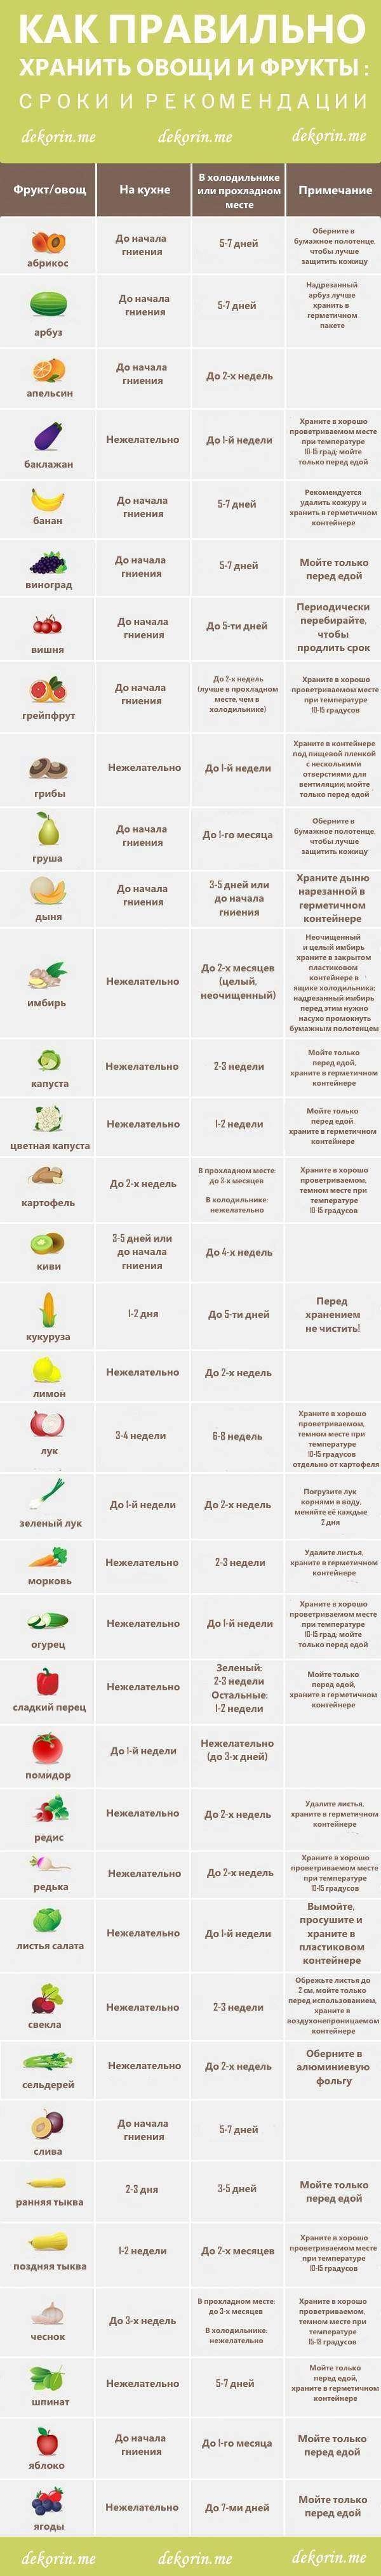 Правильные условия хранения овощей